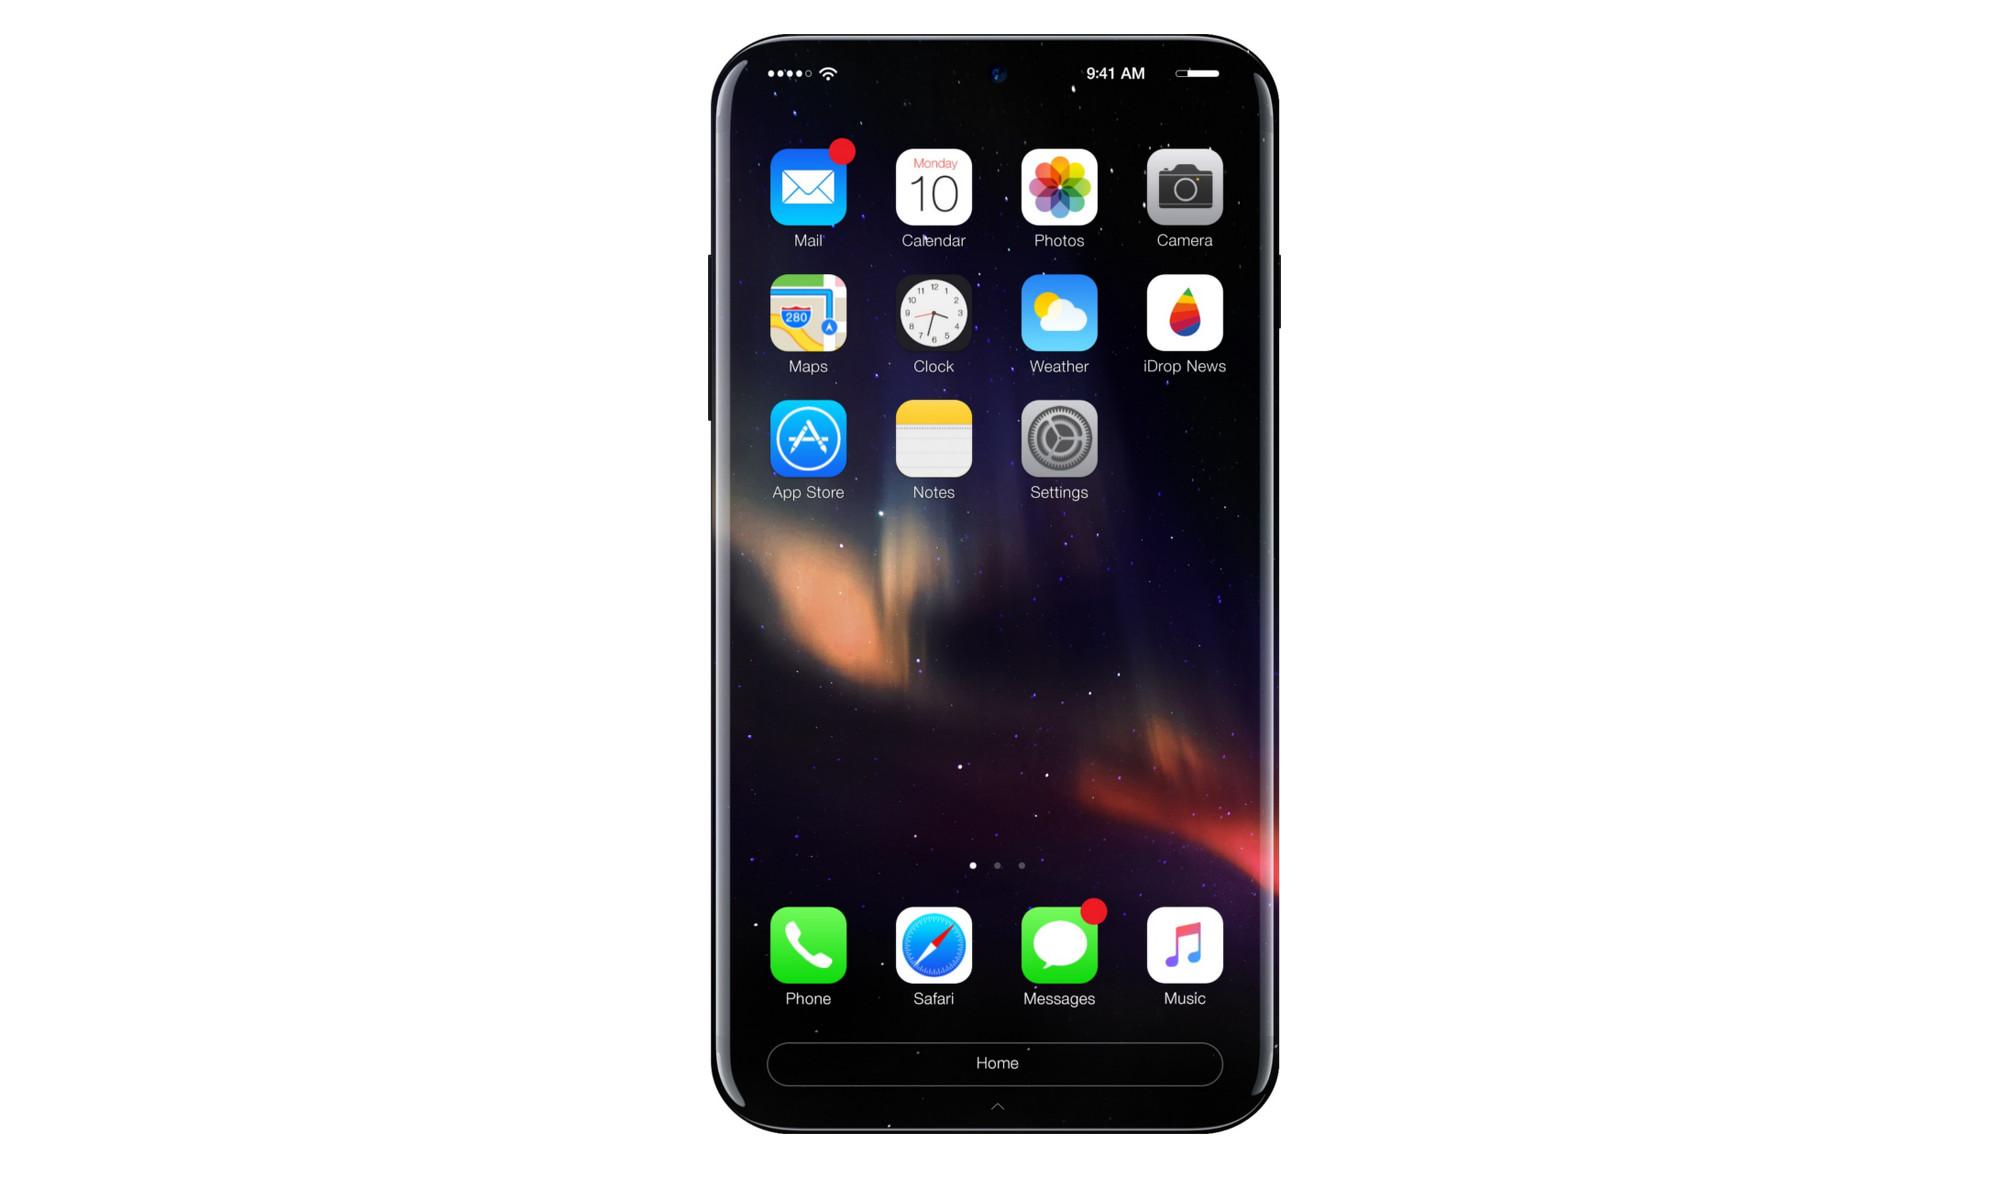 iphone-8-idropnews-exclusive-9